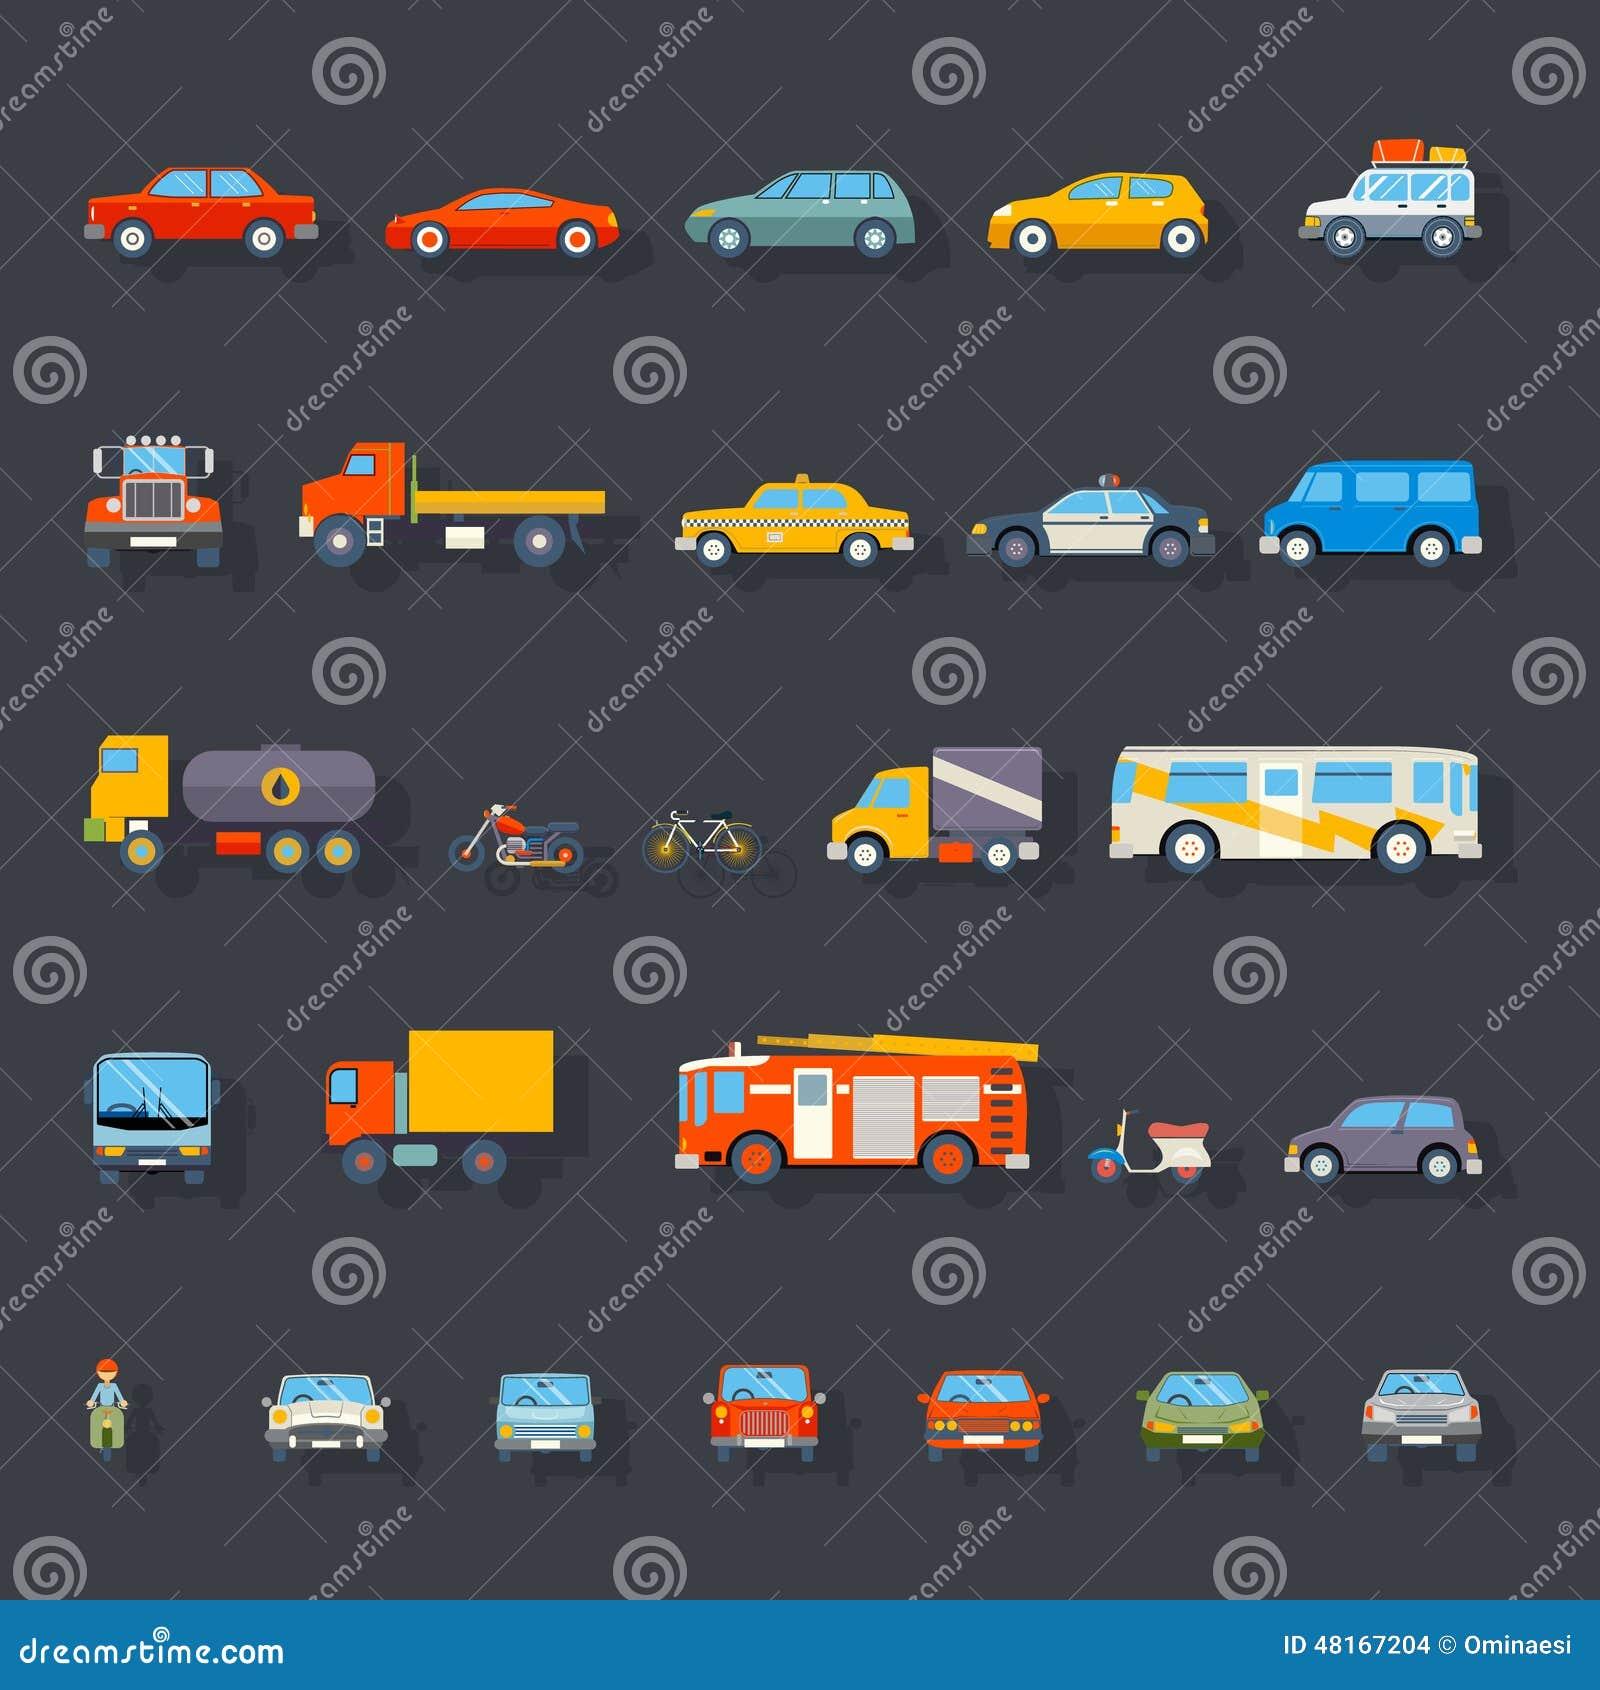 Website Design With Classic Retro Car Cartoon Vector Cartoondealer Com 92880969